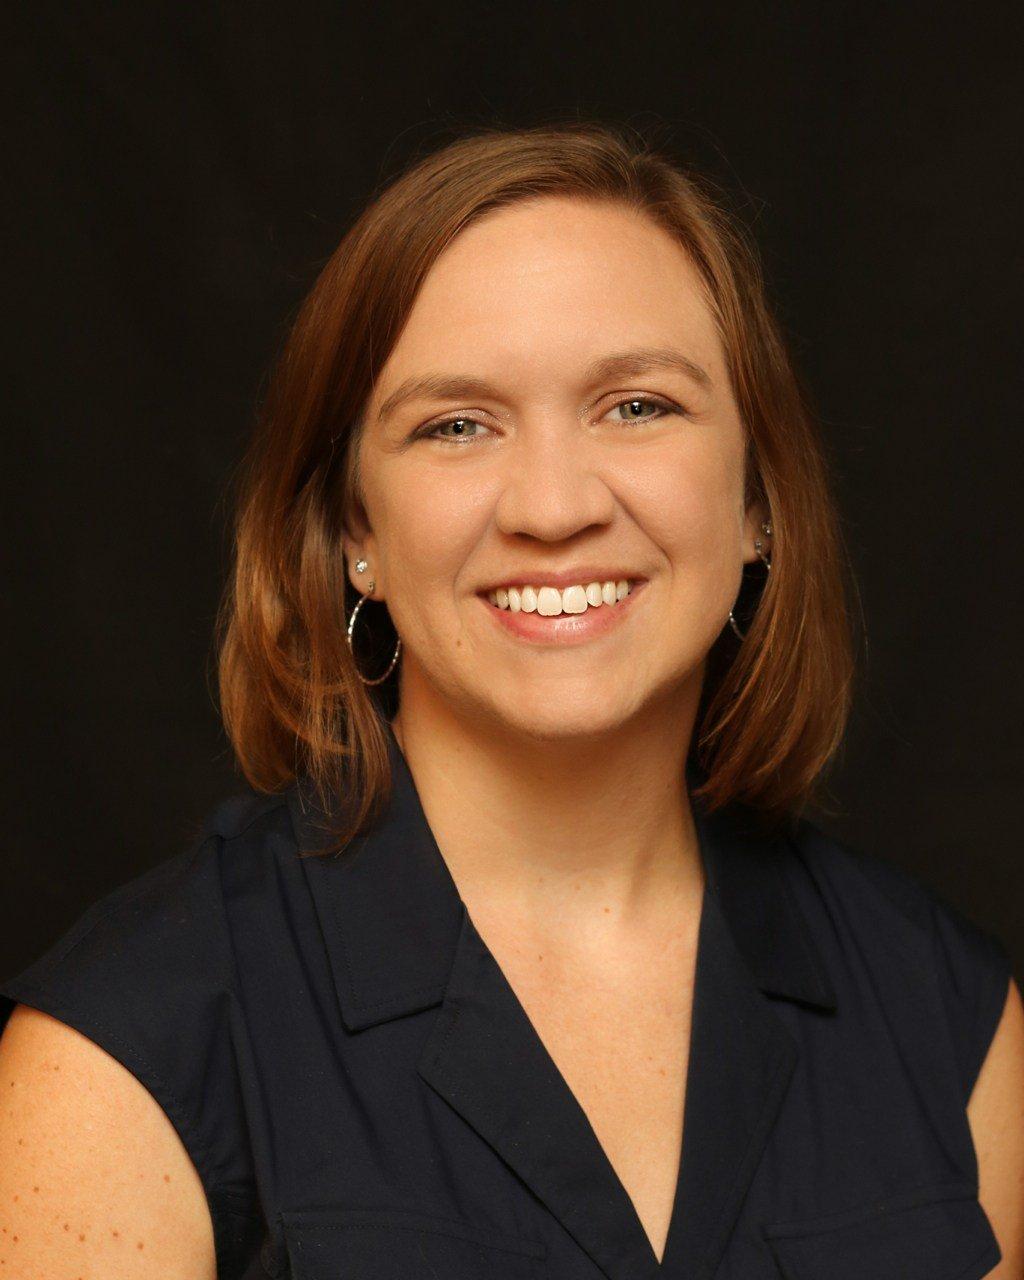 Kara Wheeler, Associate Dean of Online and Technical Programs